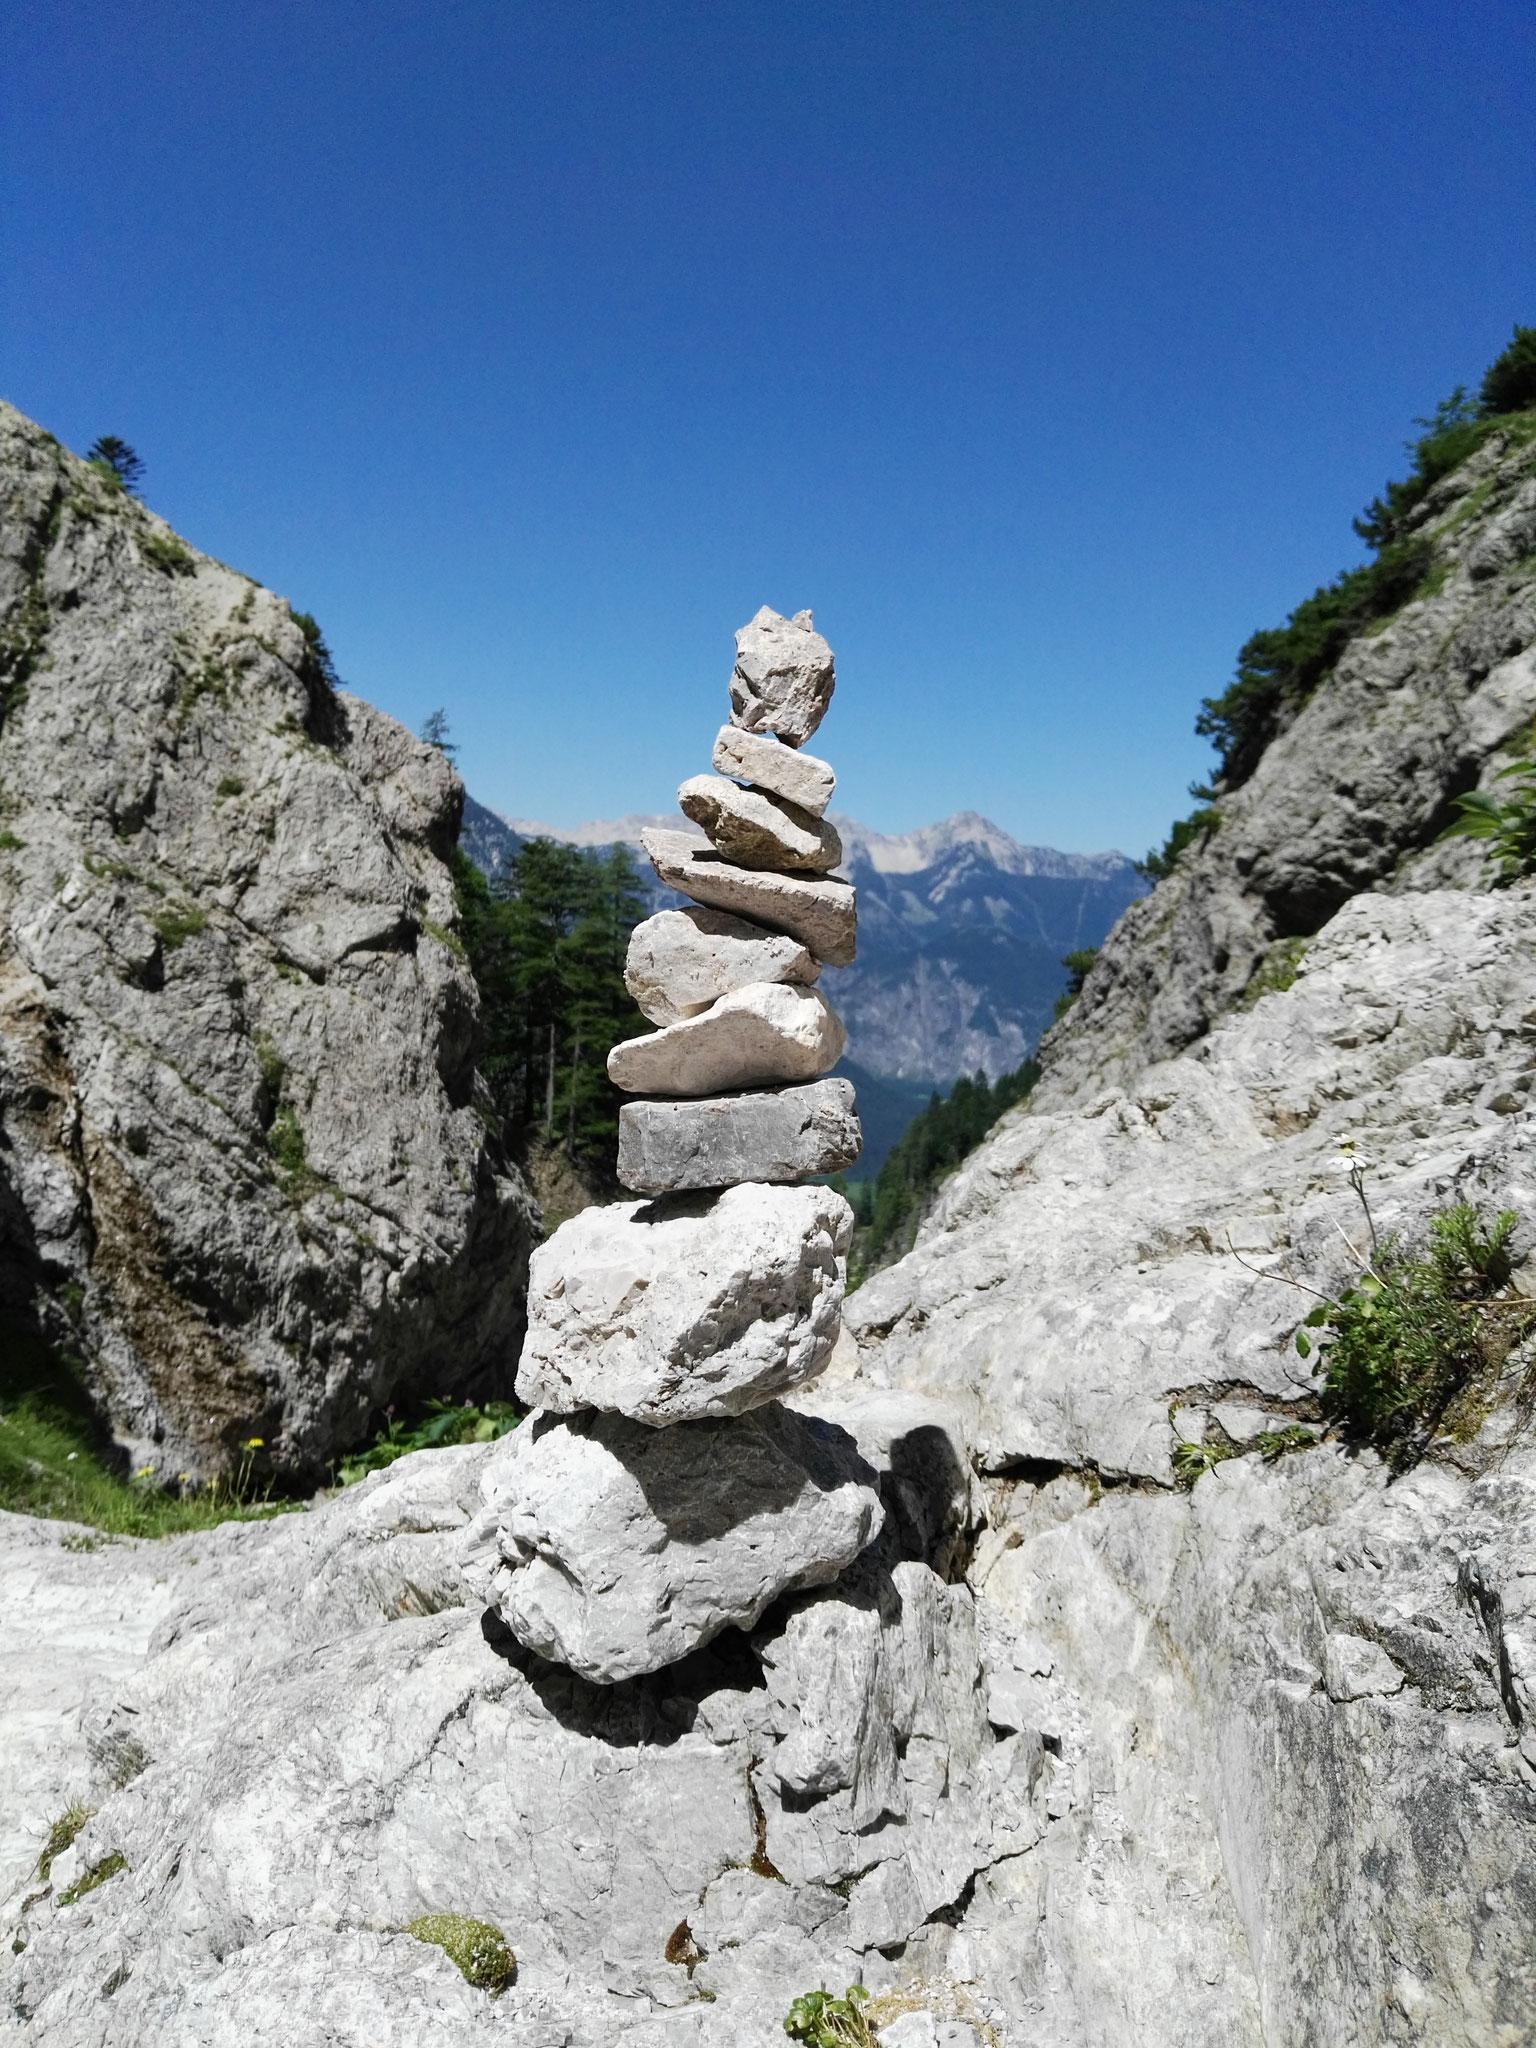 nach Höherem streben und gleichzeitig in Balance bleiben